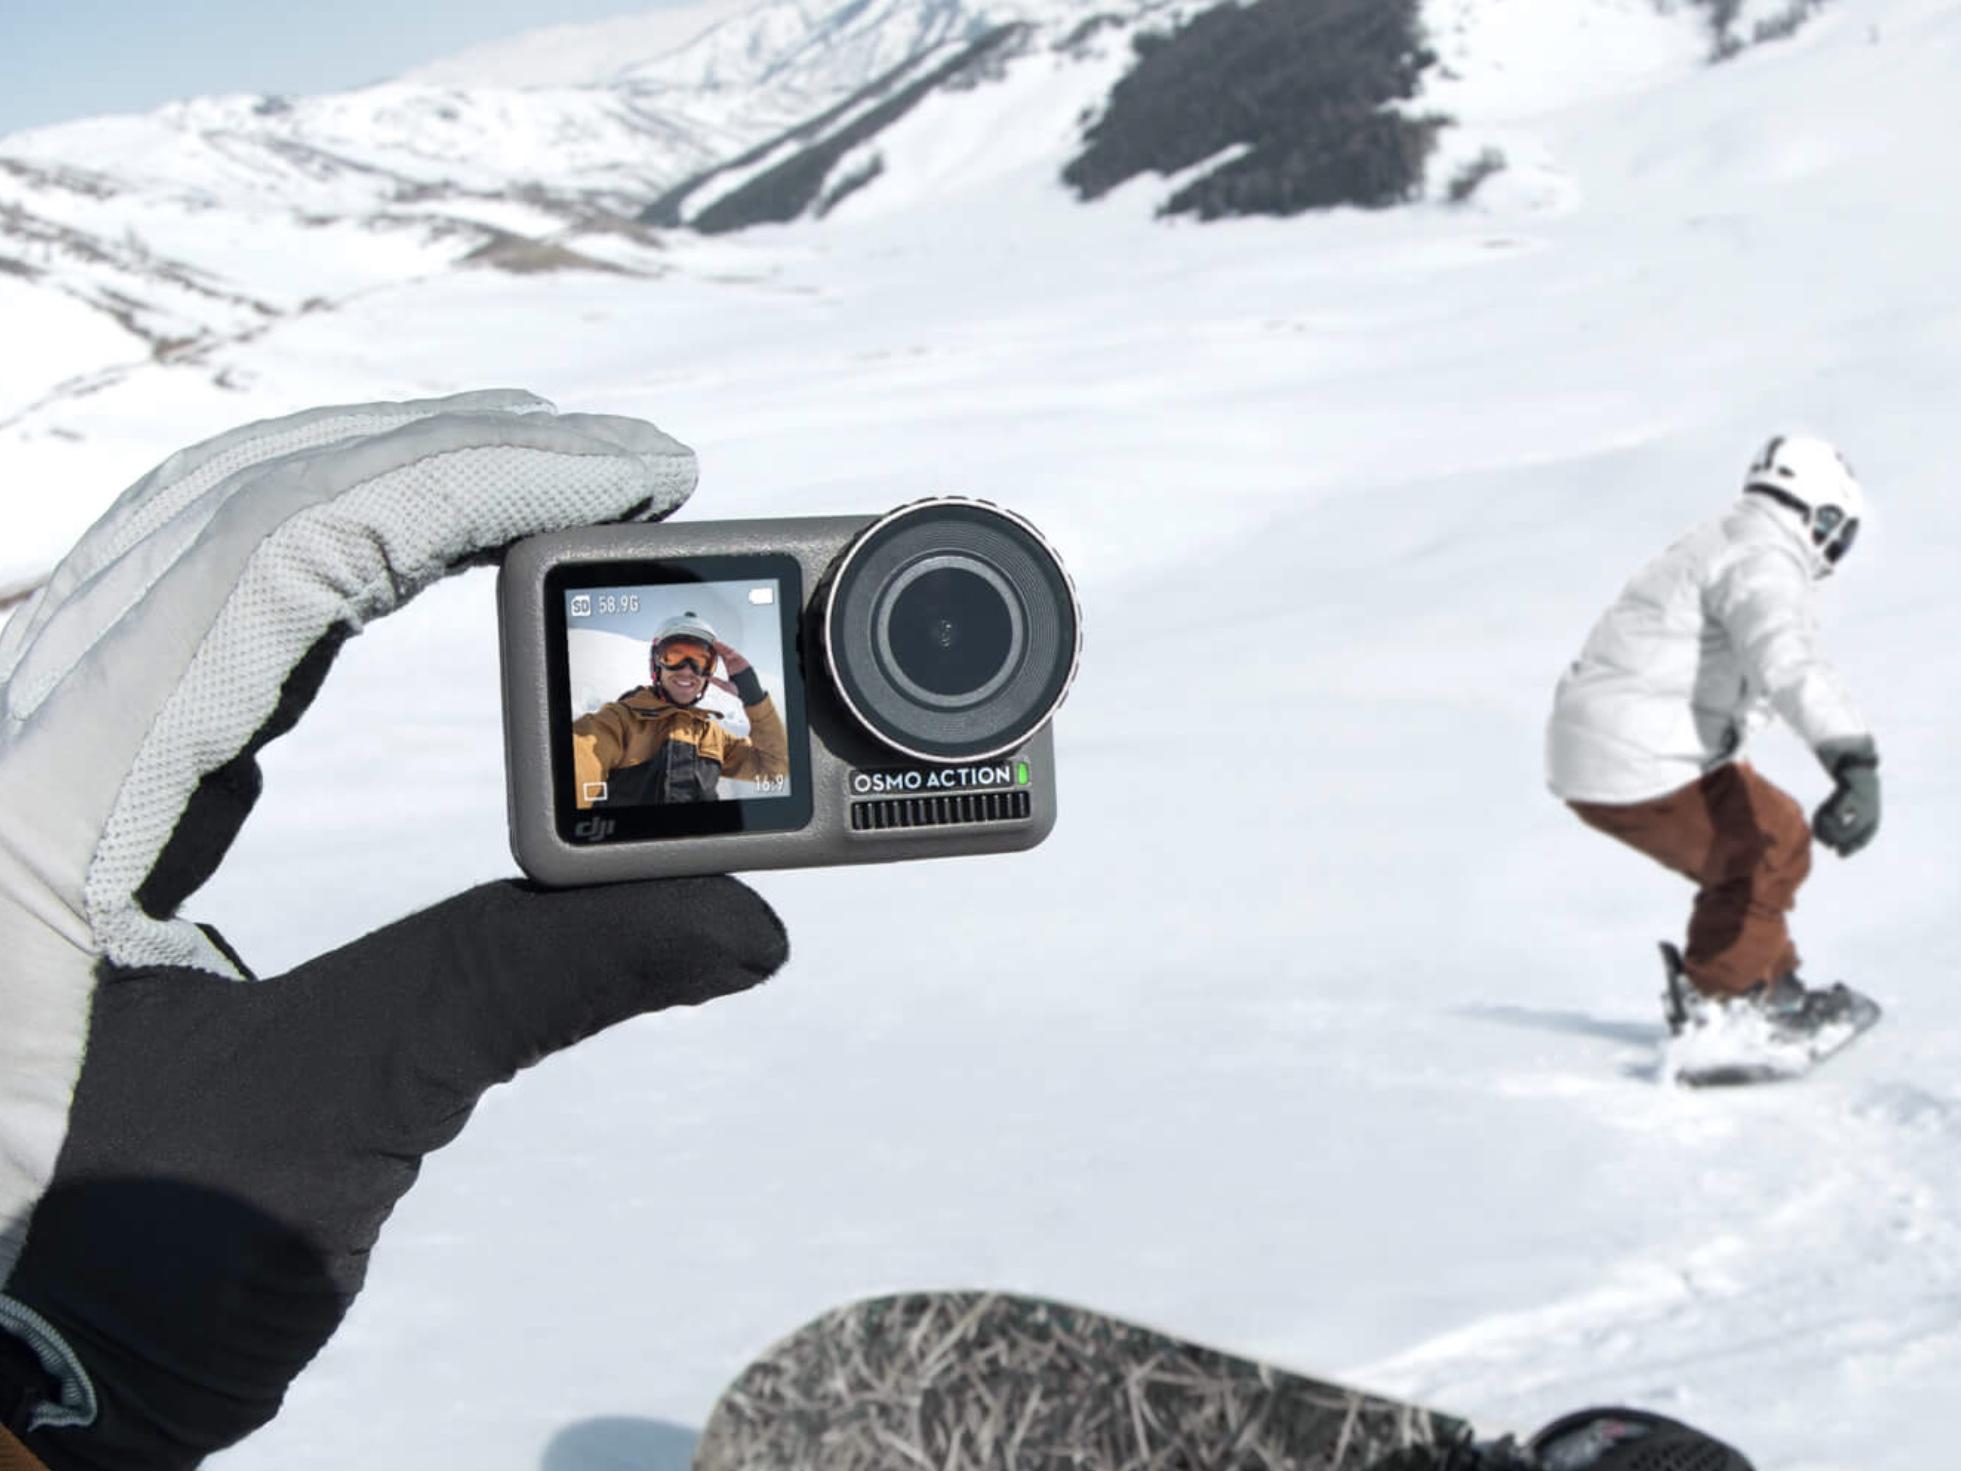 手ぶれなし、フロントモニター付きの4Kアクションカメラ「Osmo Action」来月発売